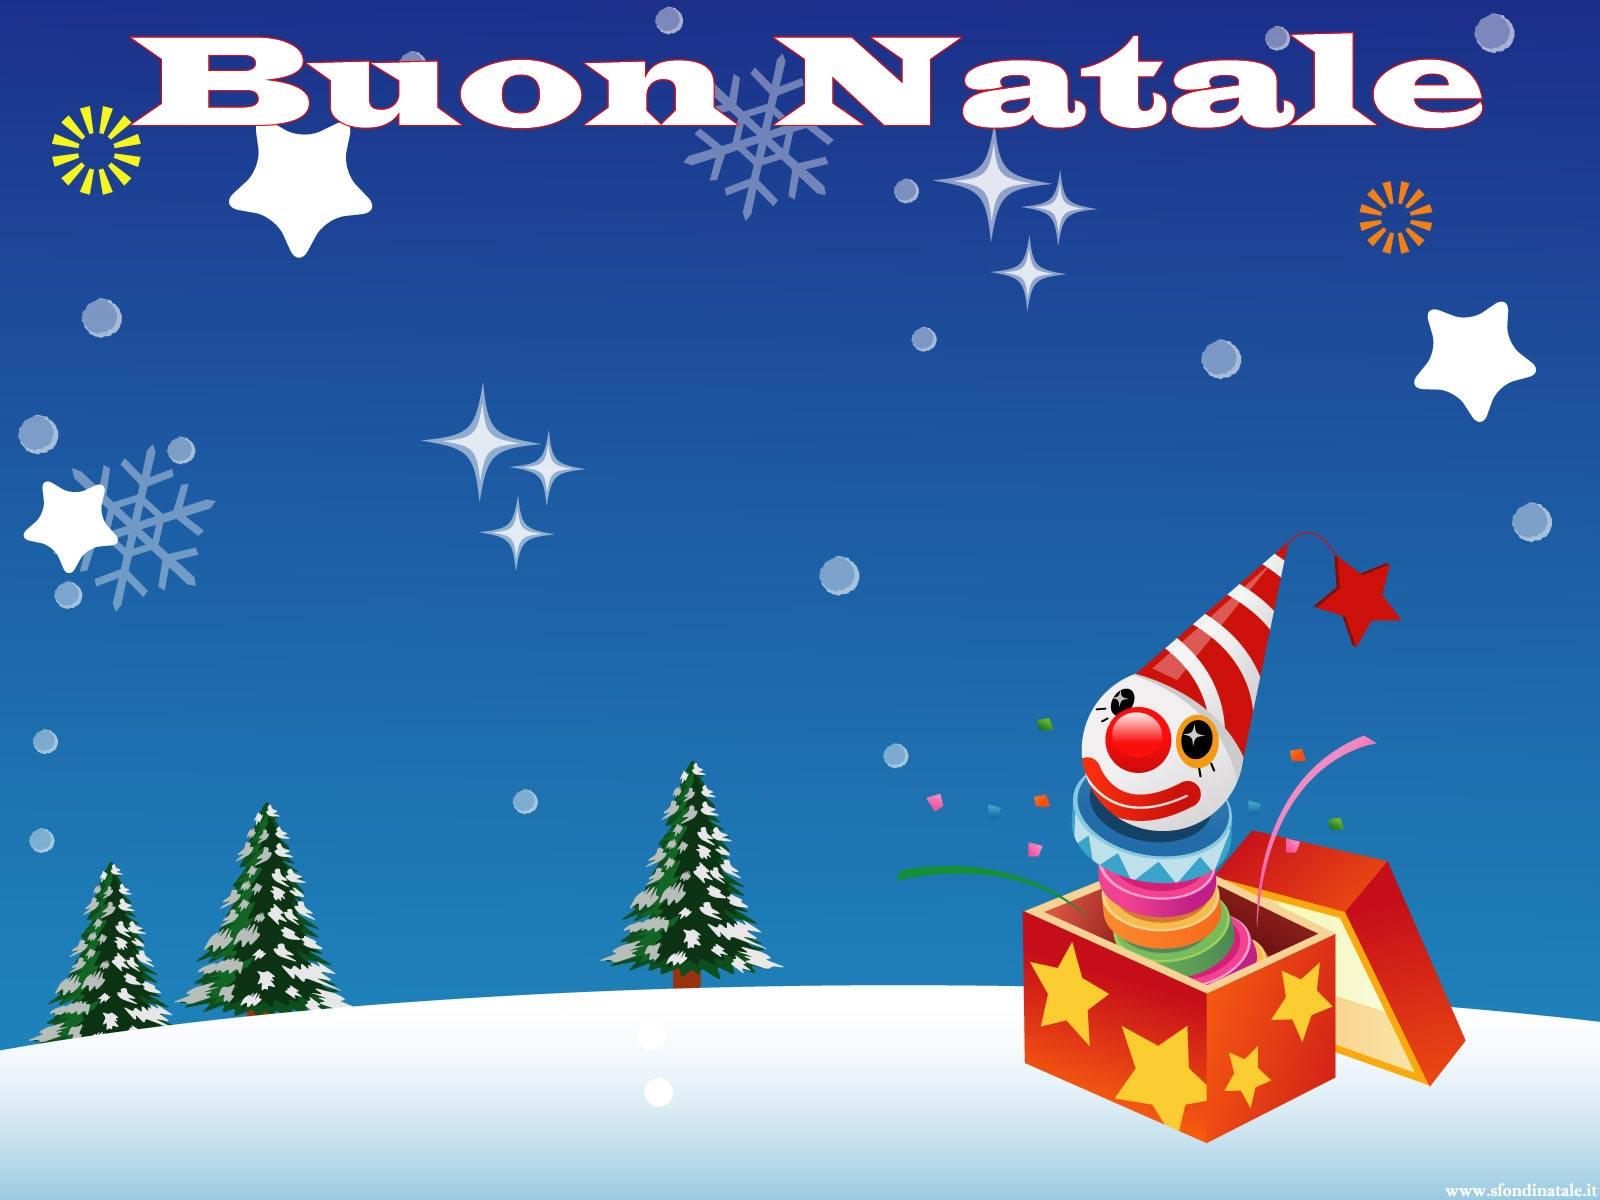 Sfondi Natale - Sfondo Desktop Natale regalo